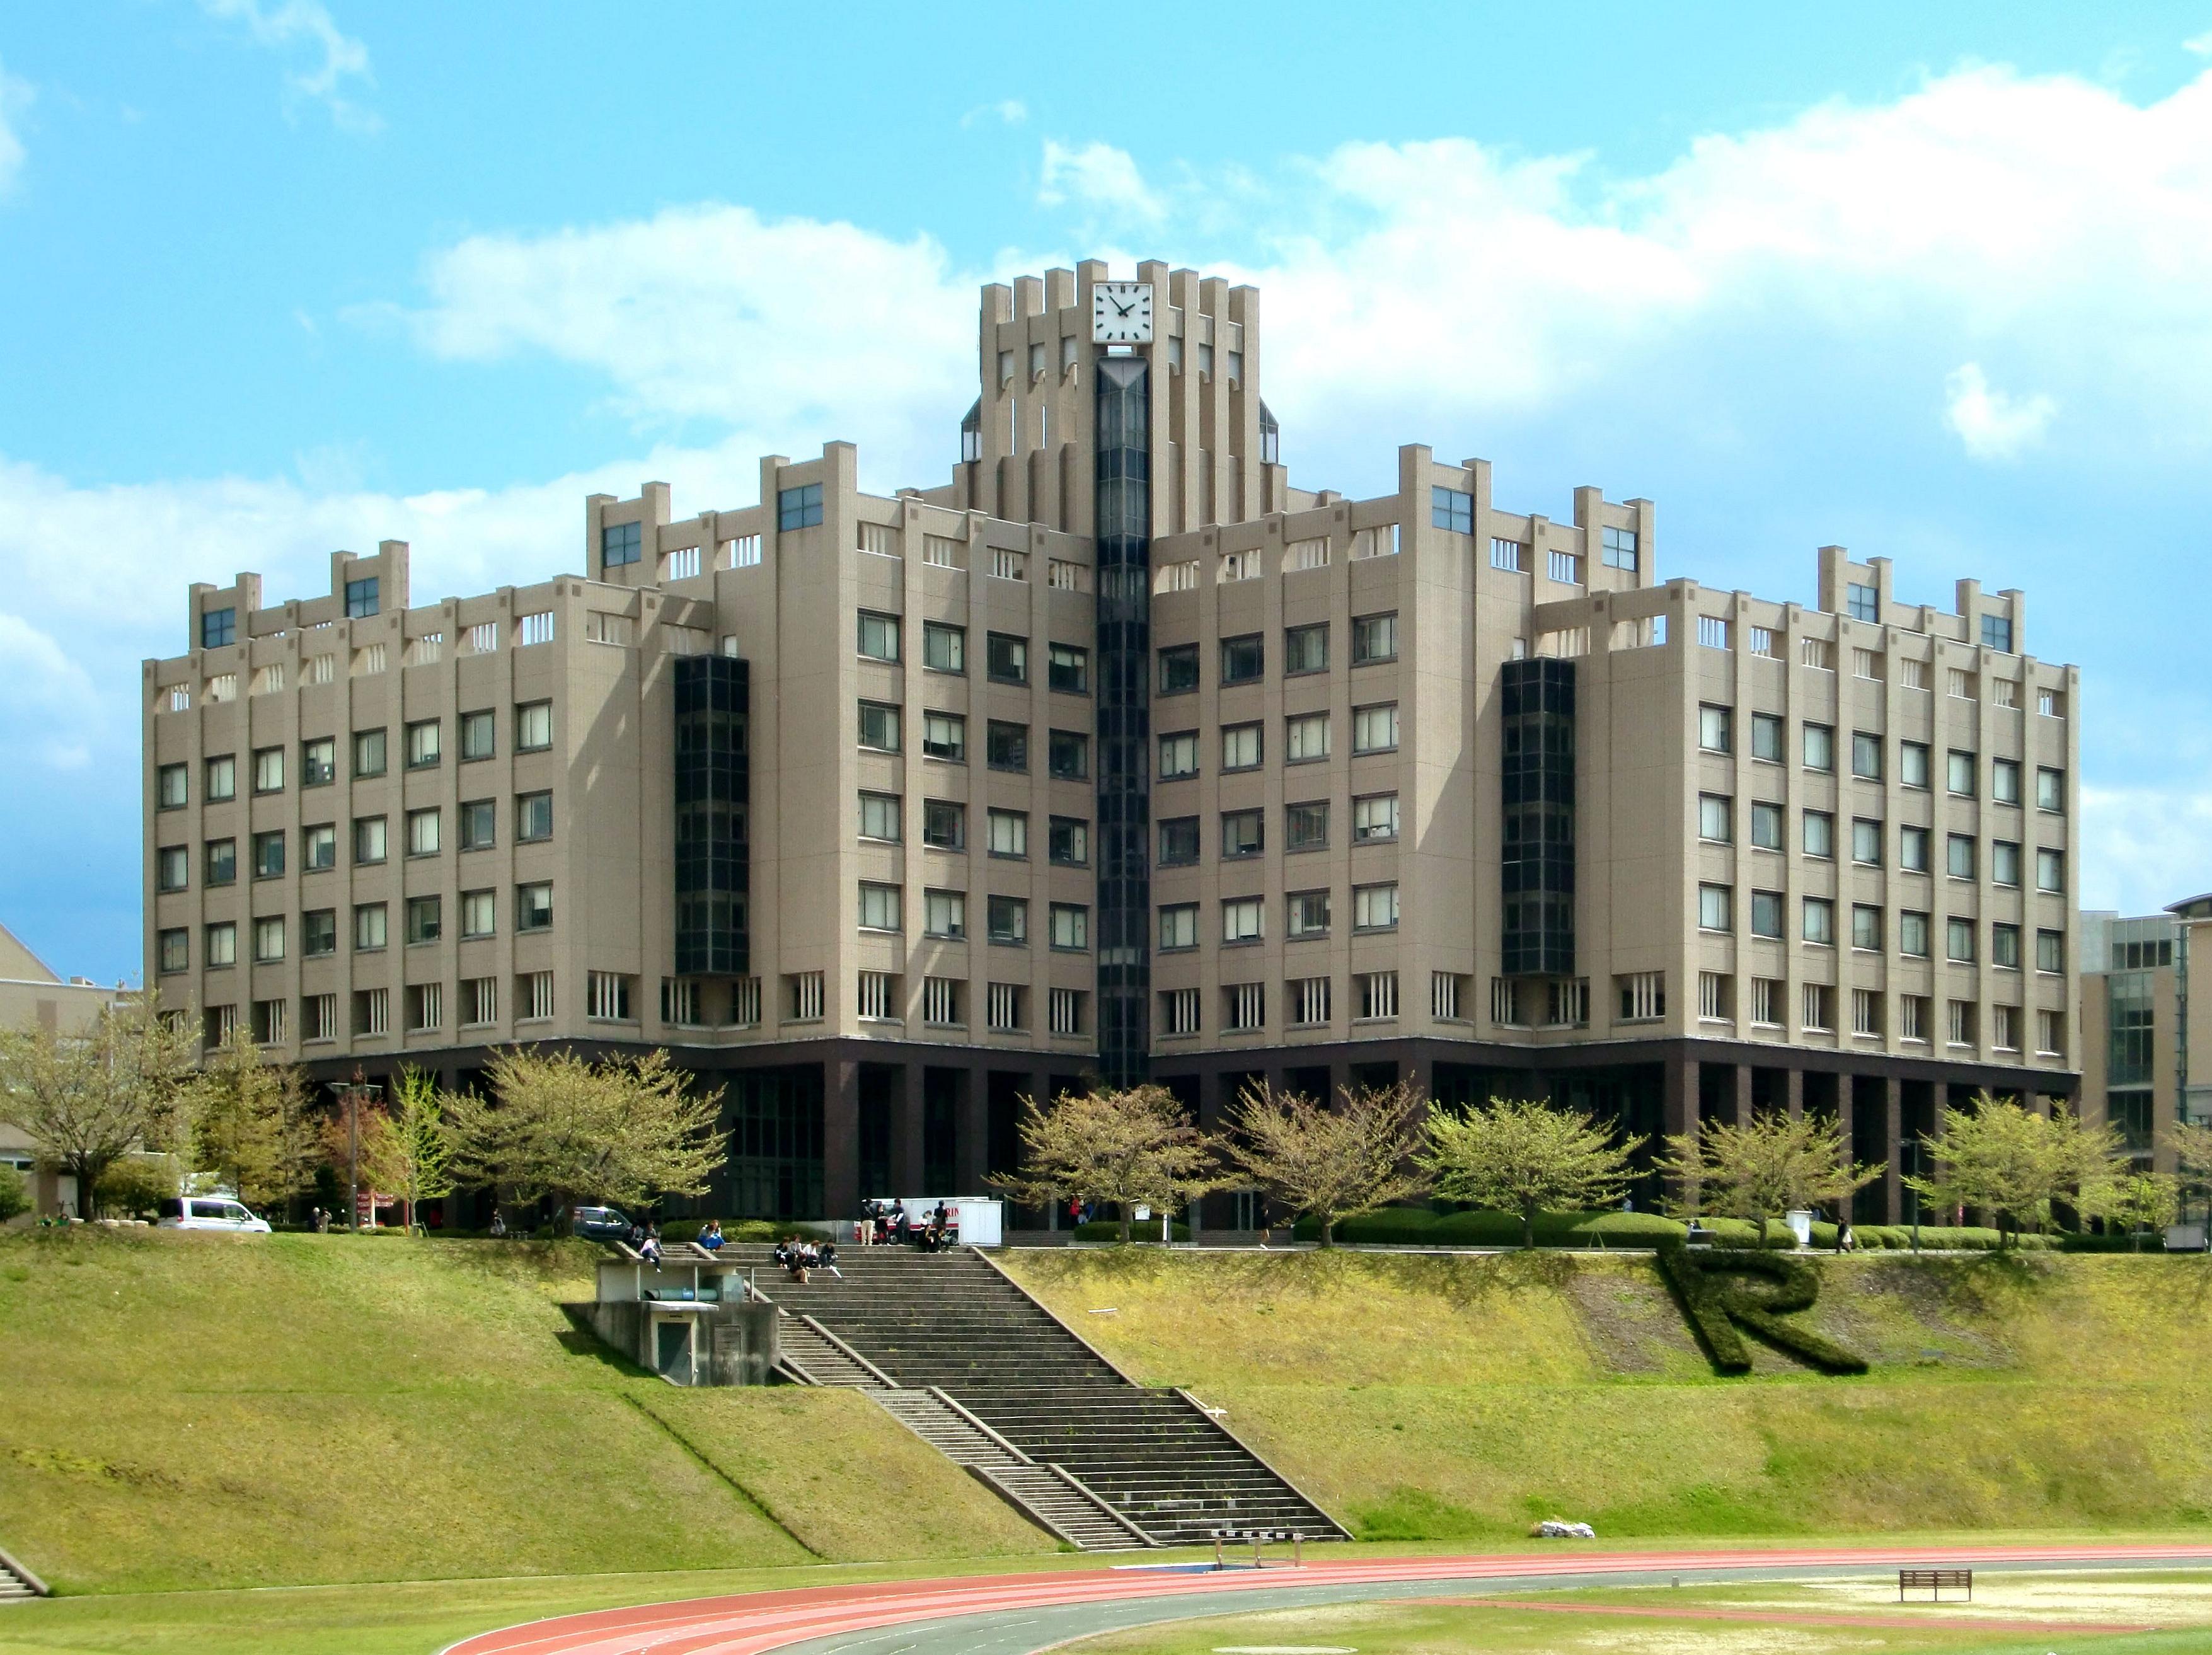 「立命館大学びわこ・くさつキャンパス」の検索結果 - Yahoo ...